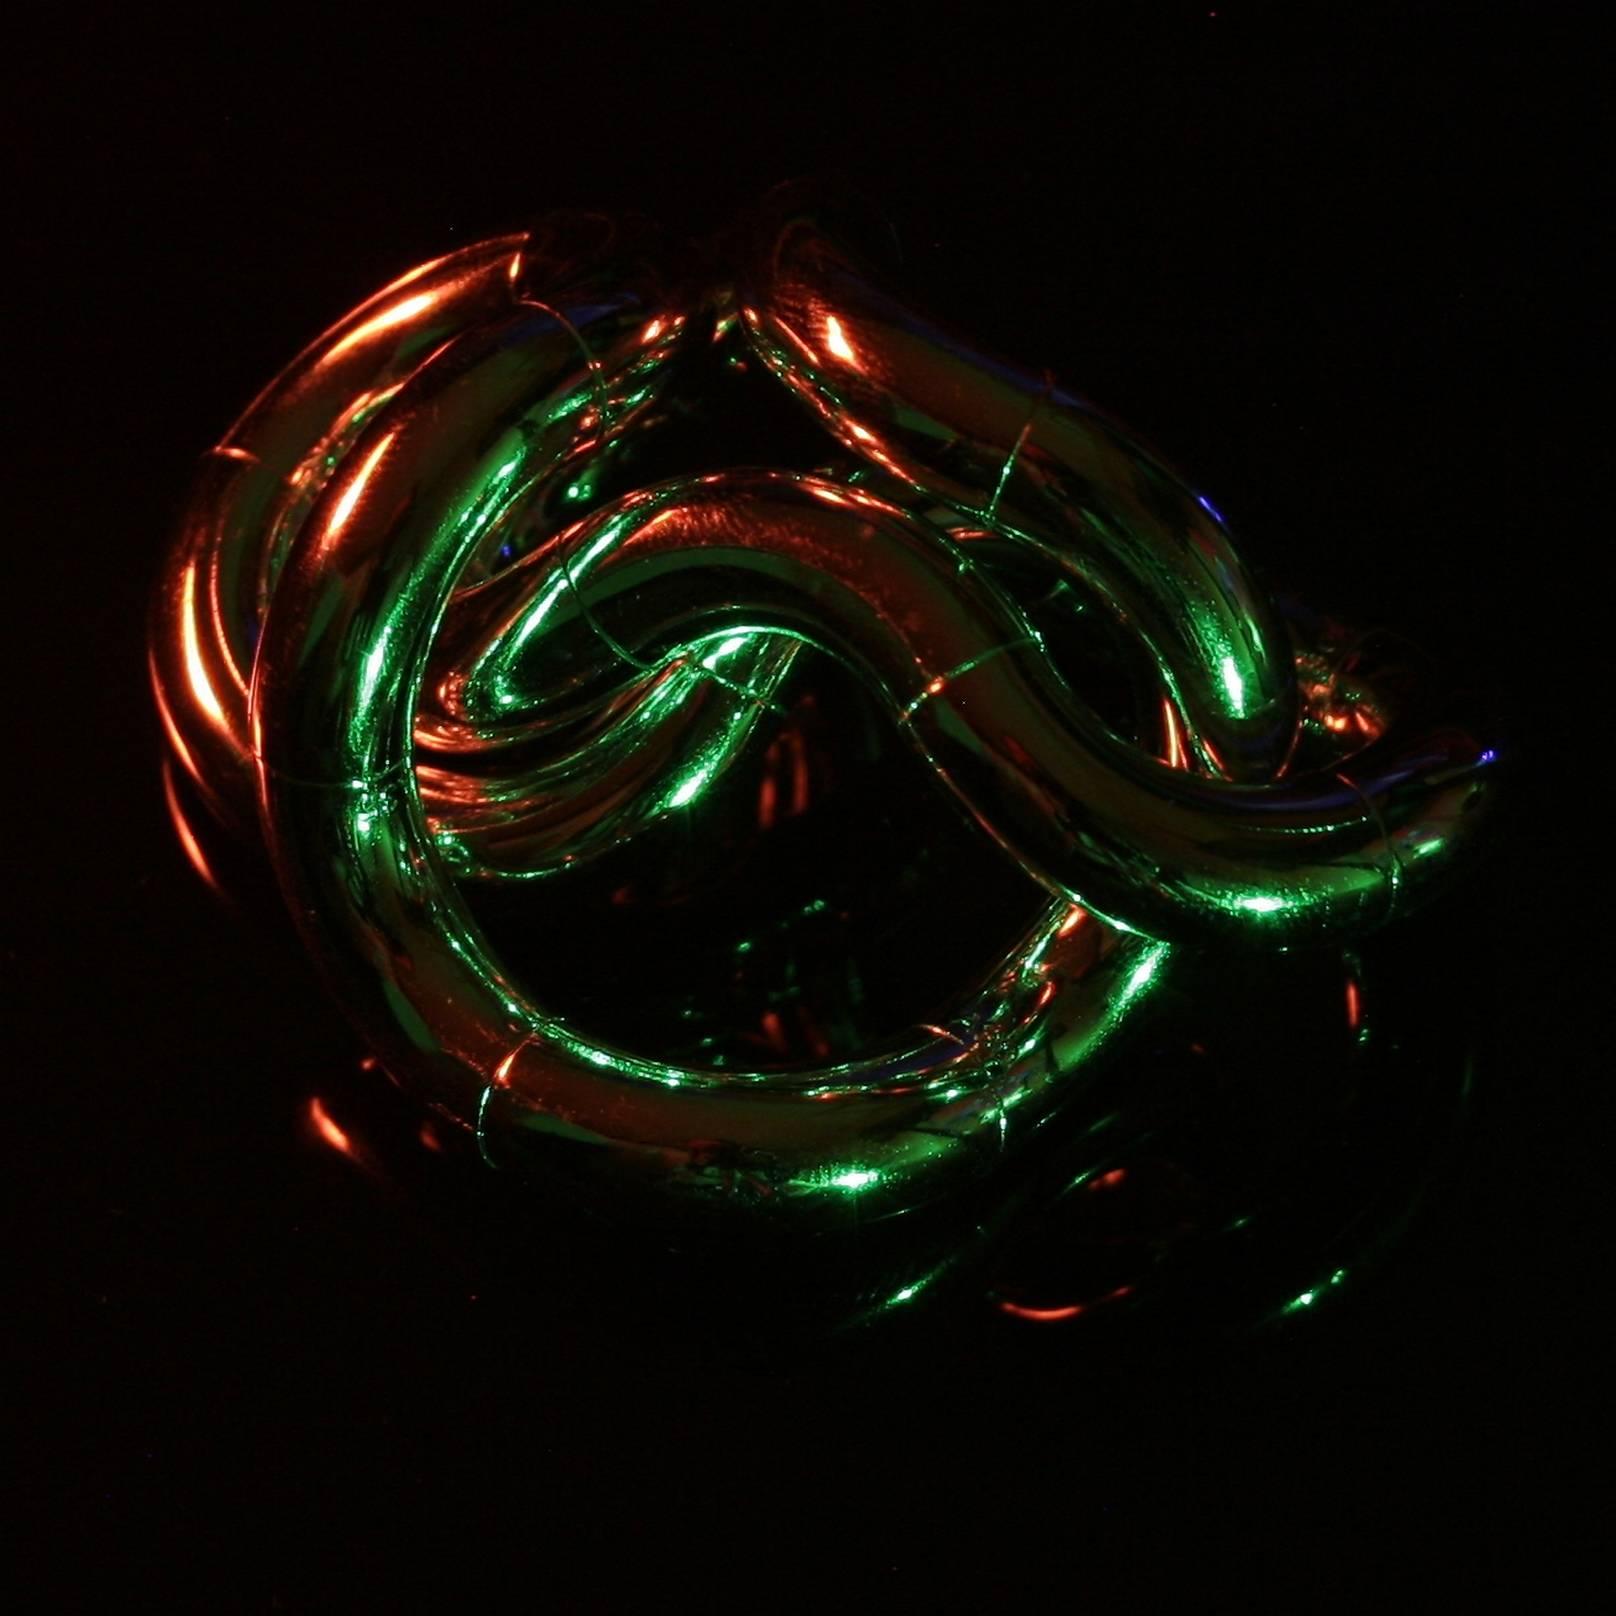 objet serie 2 25 02 2013_0055